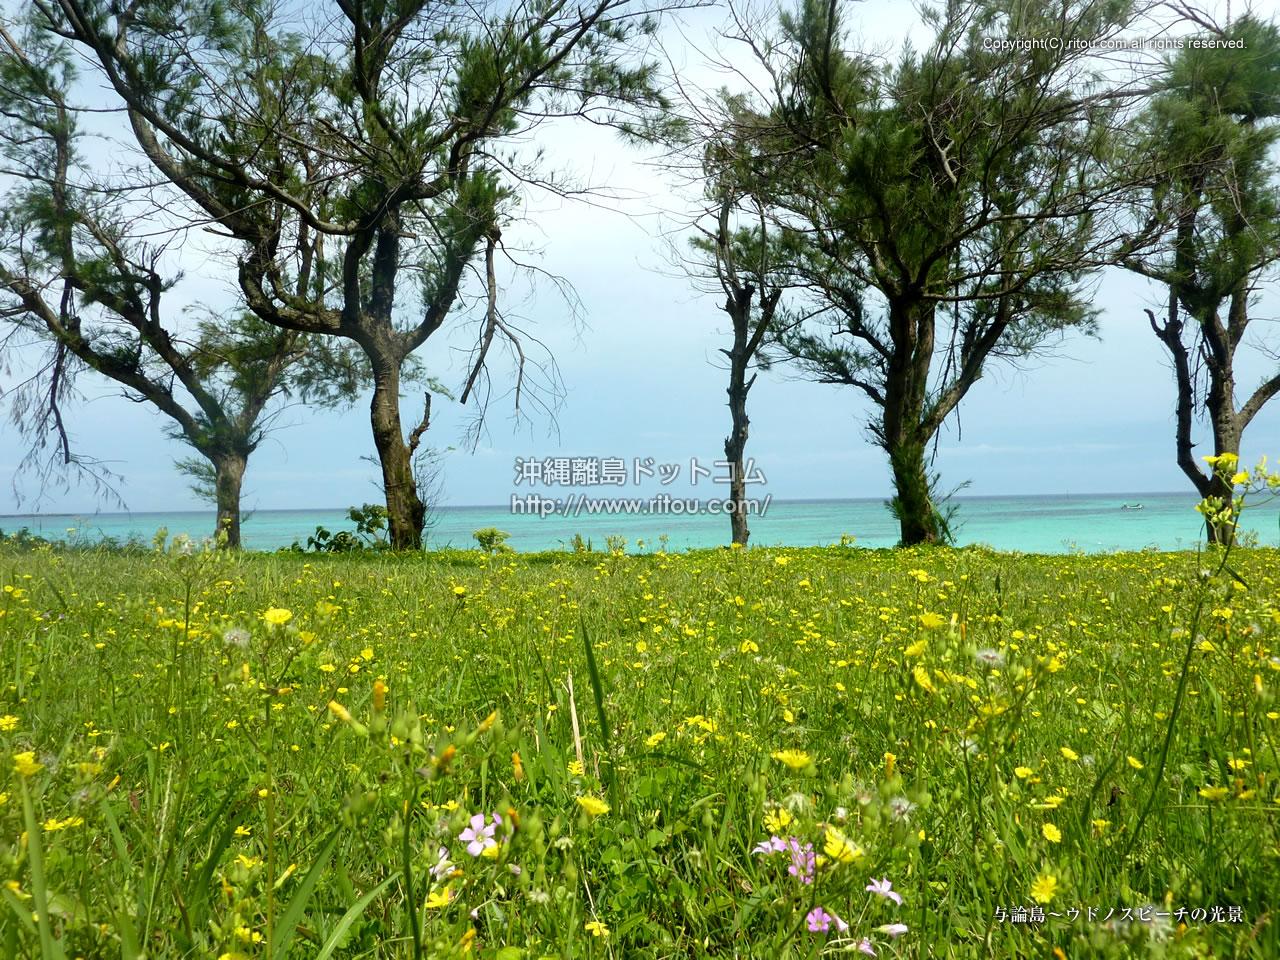 与論島〜ウドノスビーチの光景